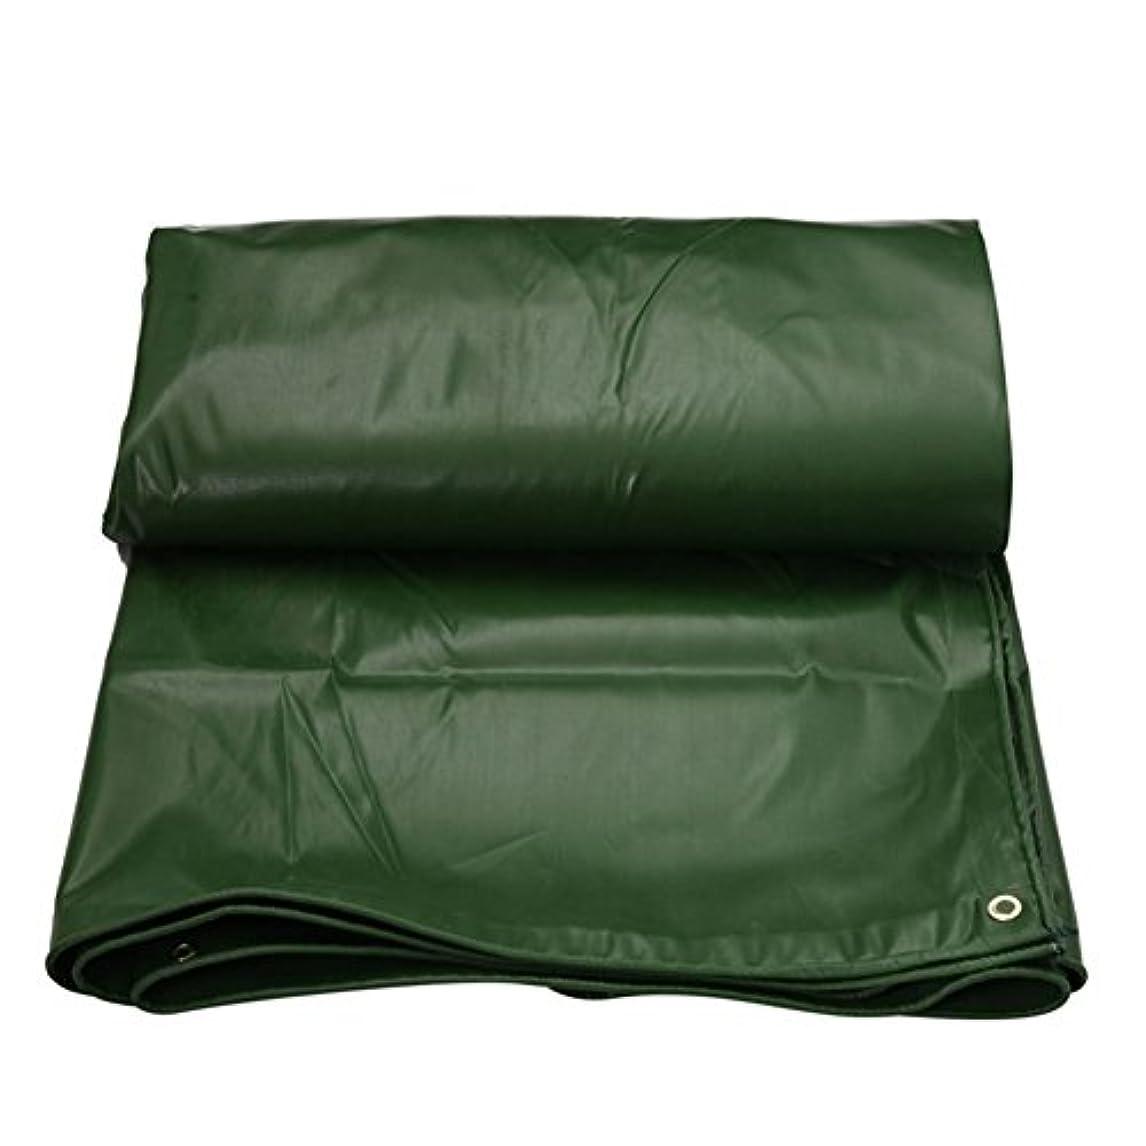 超高層ビル最後に不明瞭19-yiruculture 屋外テント防水シートパッド入り防水日焼け止めテントテント布小屋布耐摩耗性抗酸化軽量pvcグリーン (Color : 緑, サイズ : 2x3M)